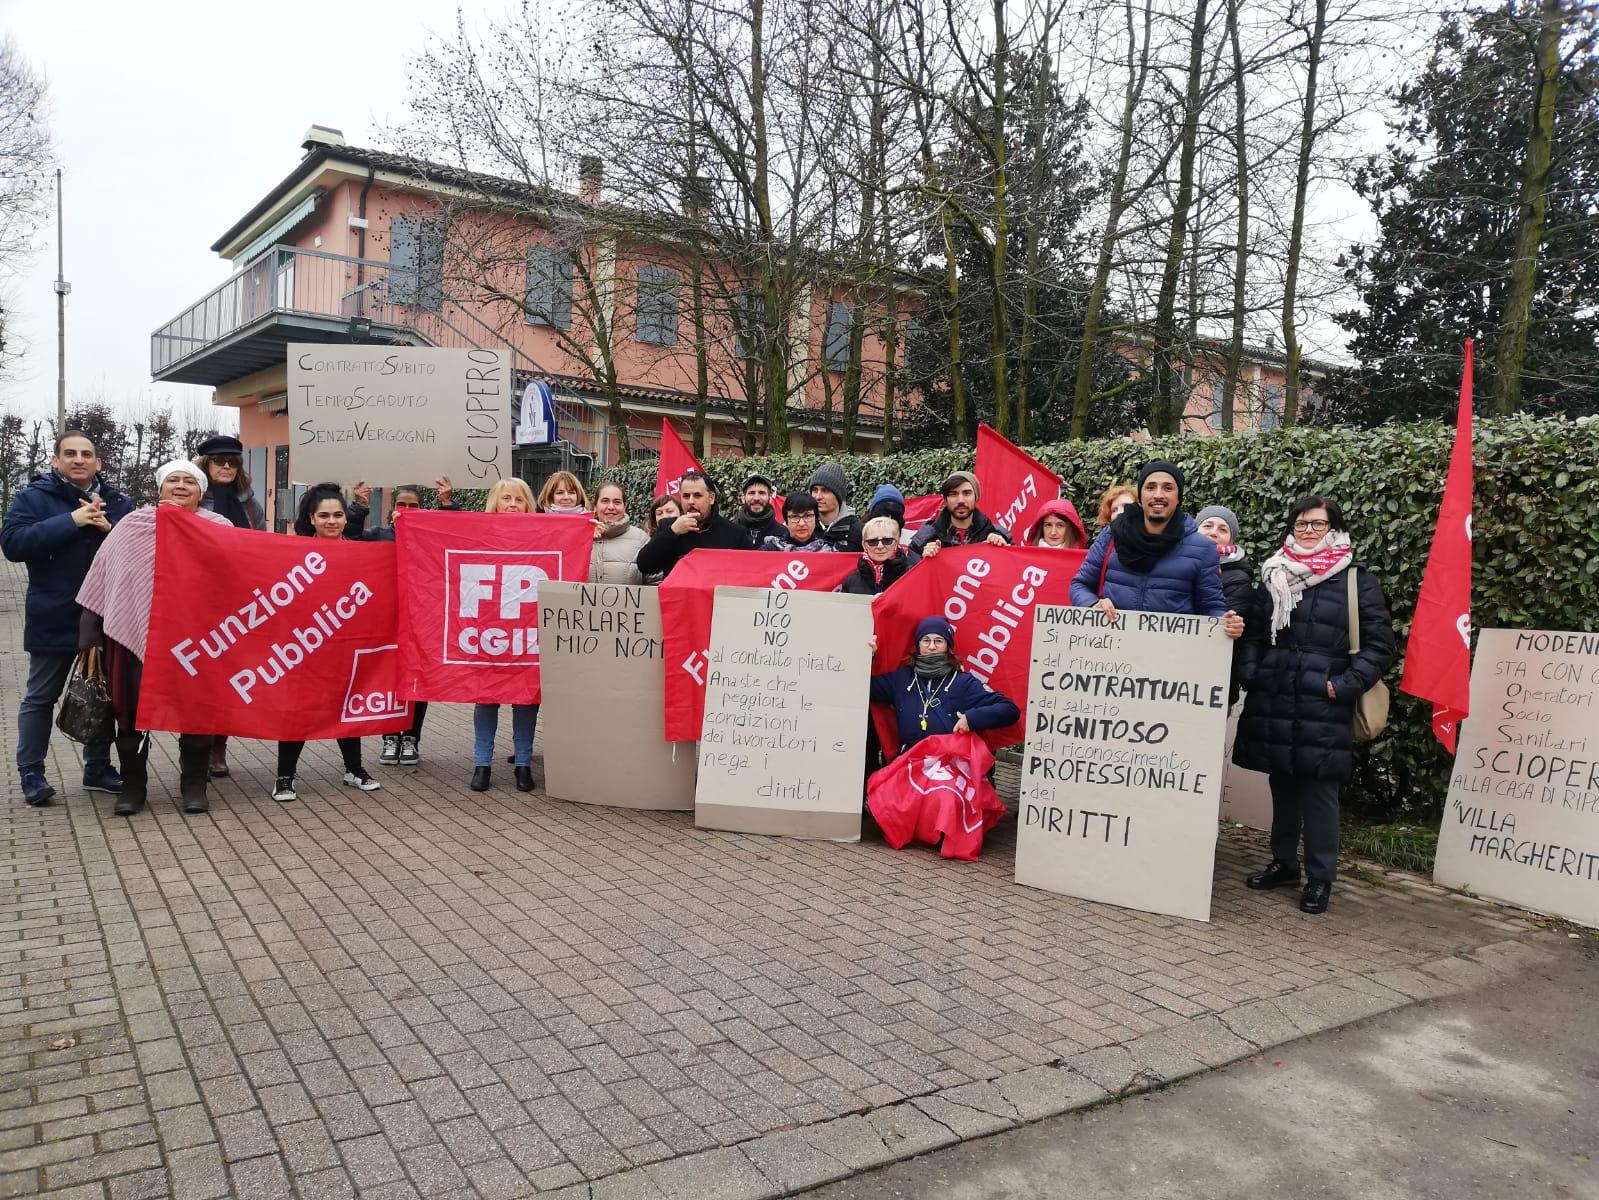 villa margherita 17.12.19 sciopero